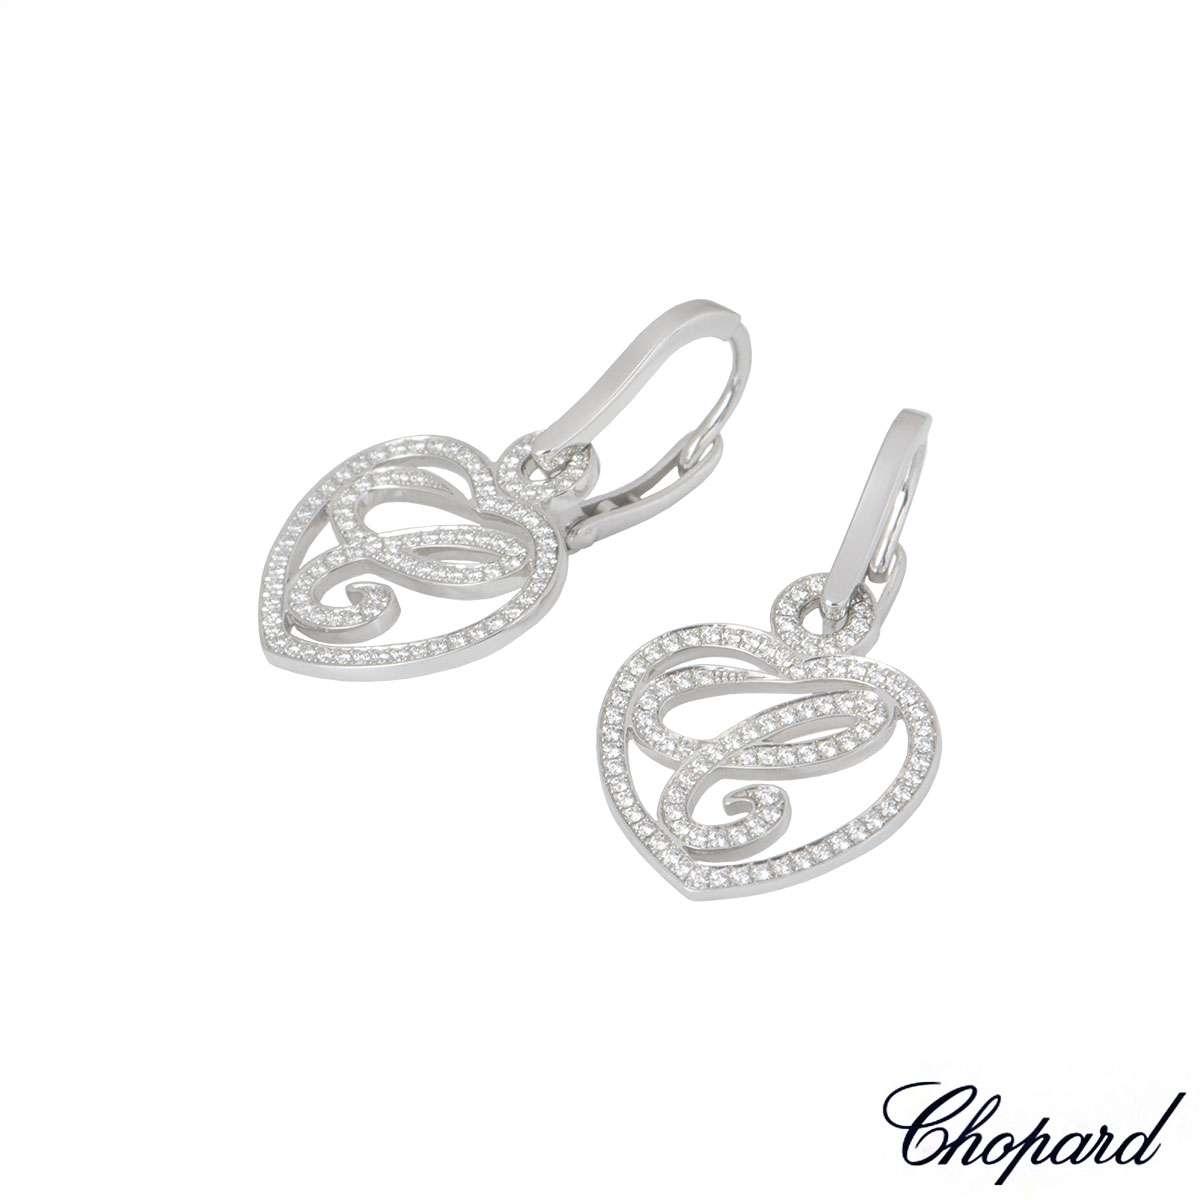 Chopard White Gold Happy Diamonds Earrings 837223-1001